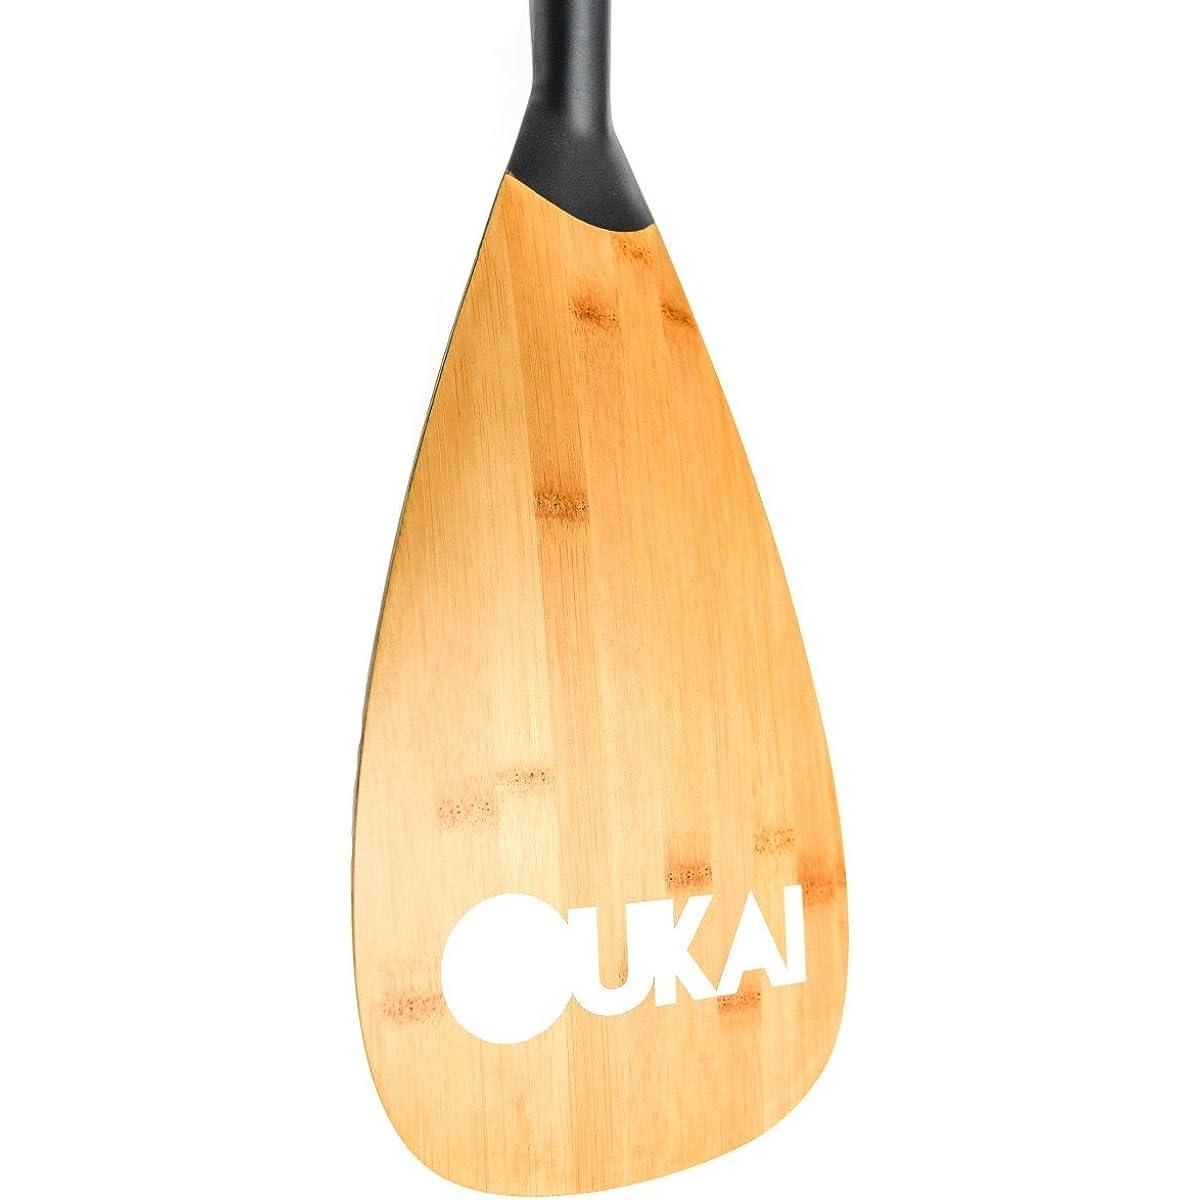 Ein gutes Paddel finden Sie beispielsweise bei dem Hersteller Oukai.